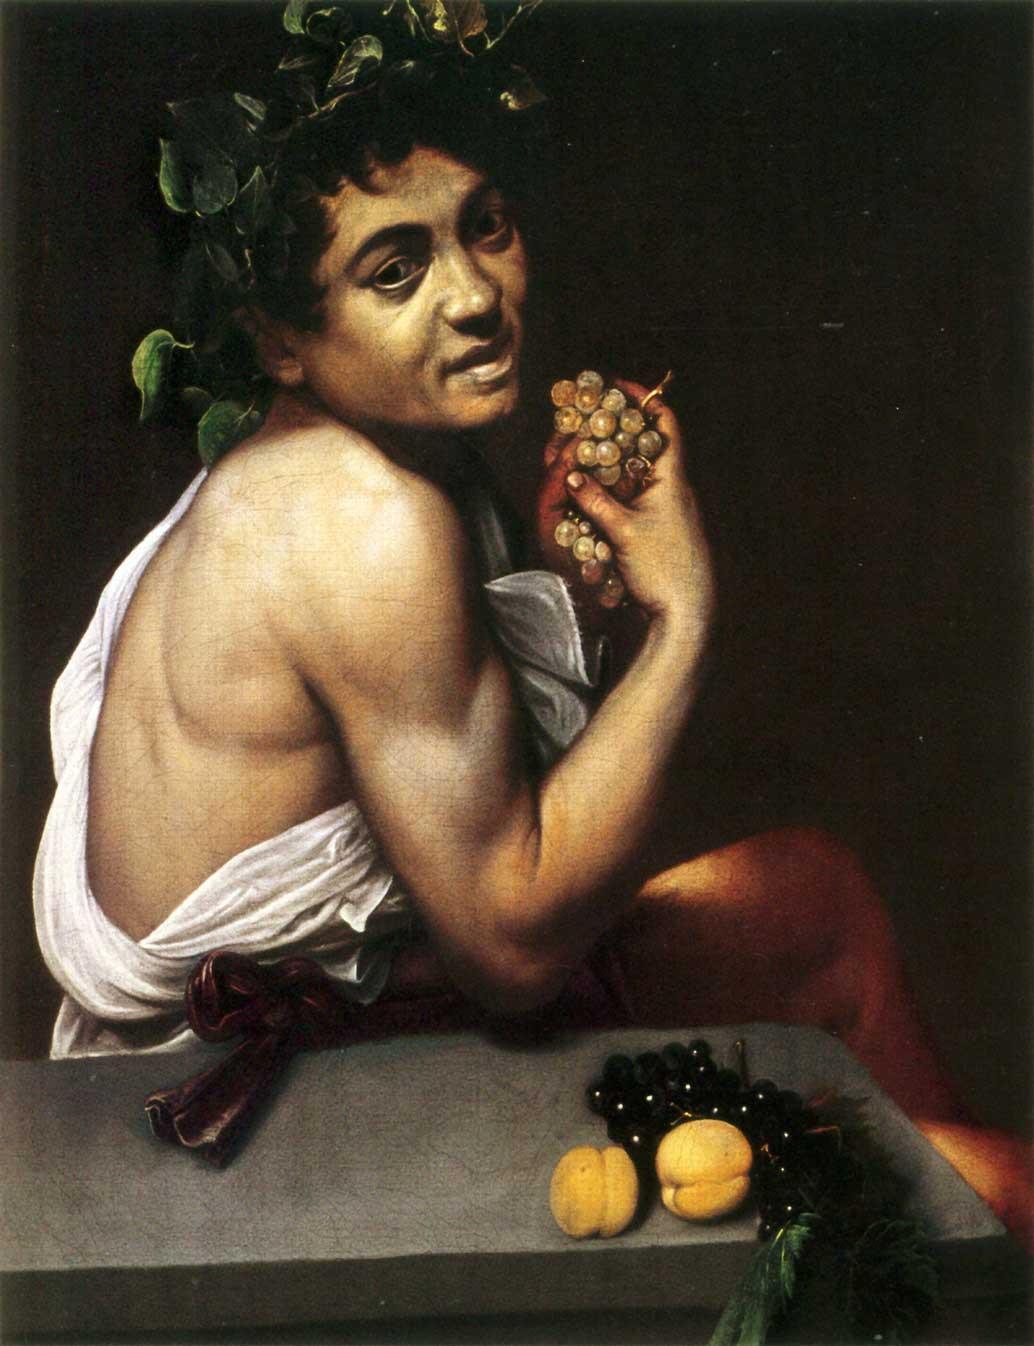 Галерея Боргезе, музеи Рима, картины караваджо, больной вакх